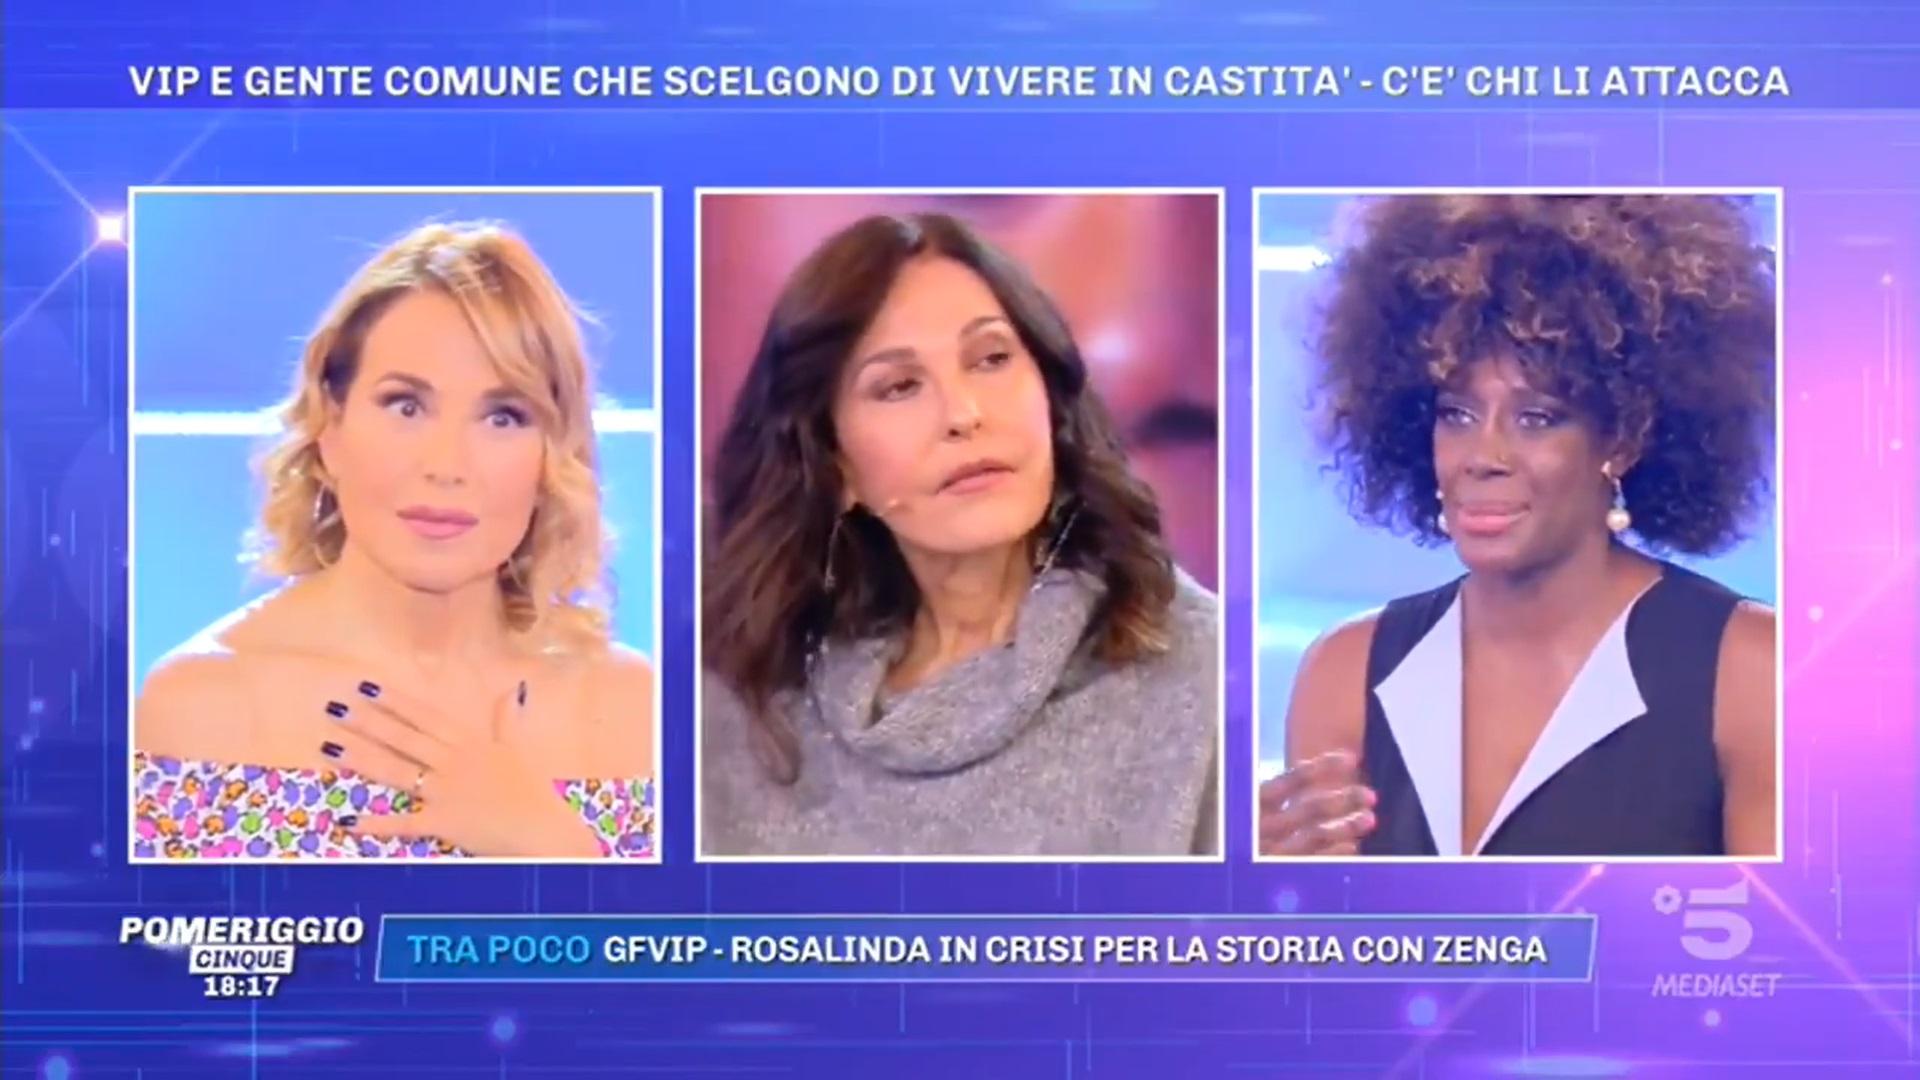 Sylvie Lubamba racconta alcuni aneddoti della vita in carcere con Patrizia Reggiani e Pina Auriemma